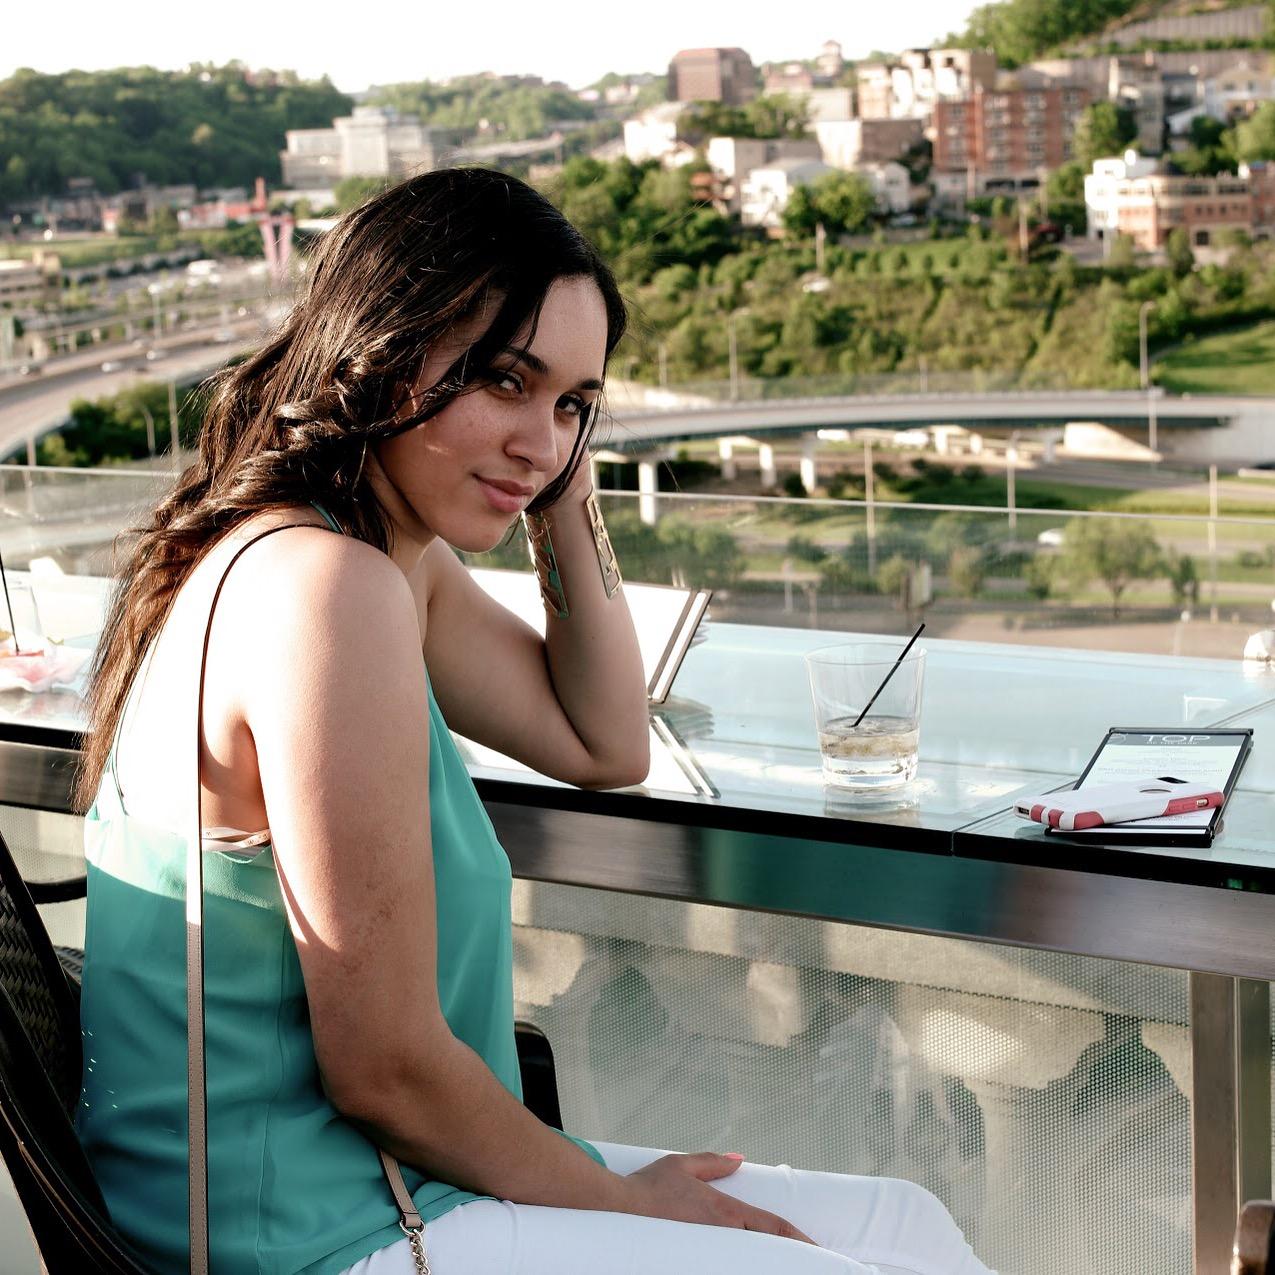 rooftop pic 23.JPG